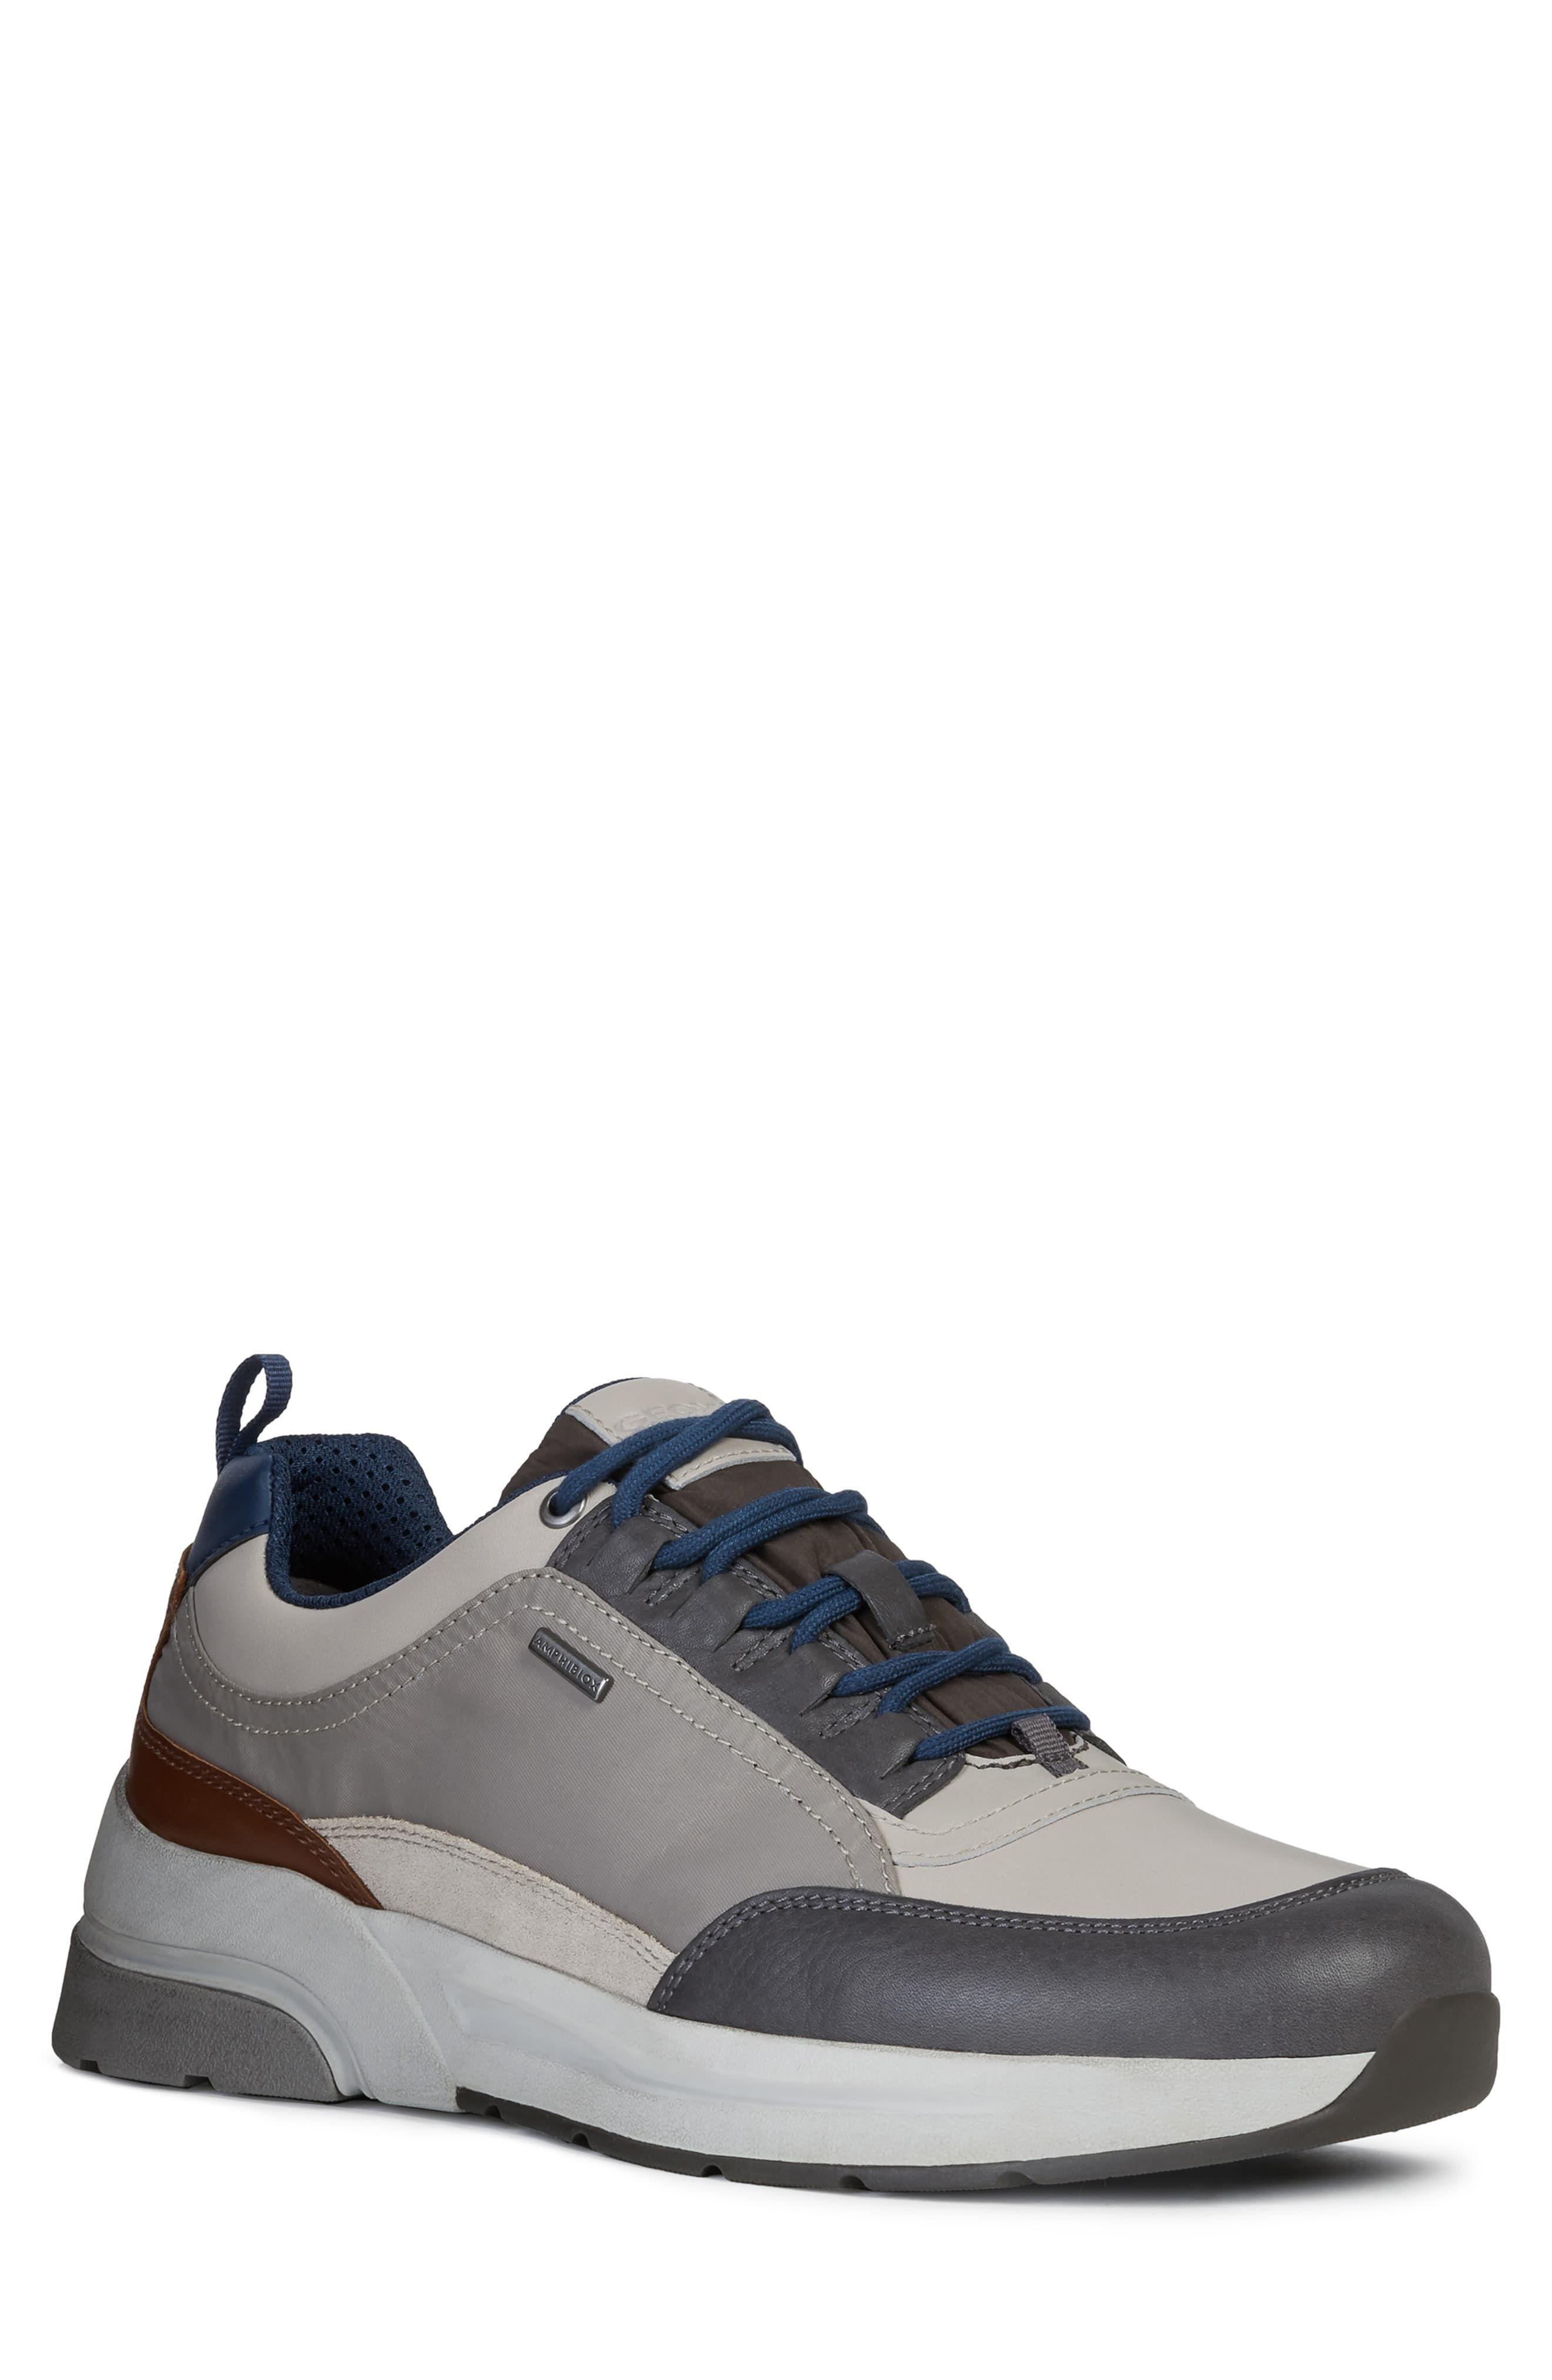 Men's Geox Rockson Abx Sneaker, Size